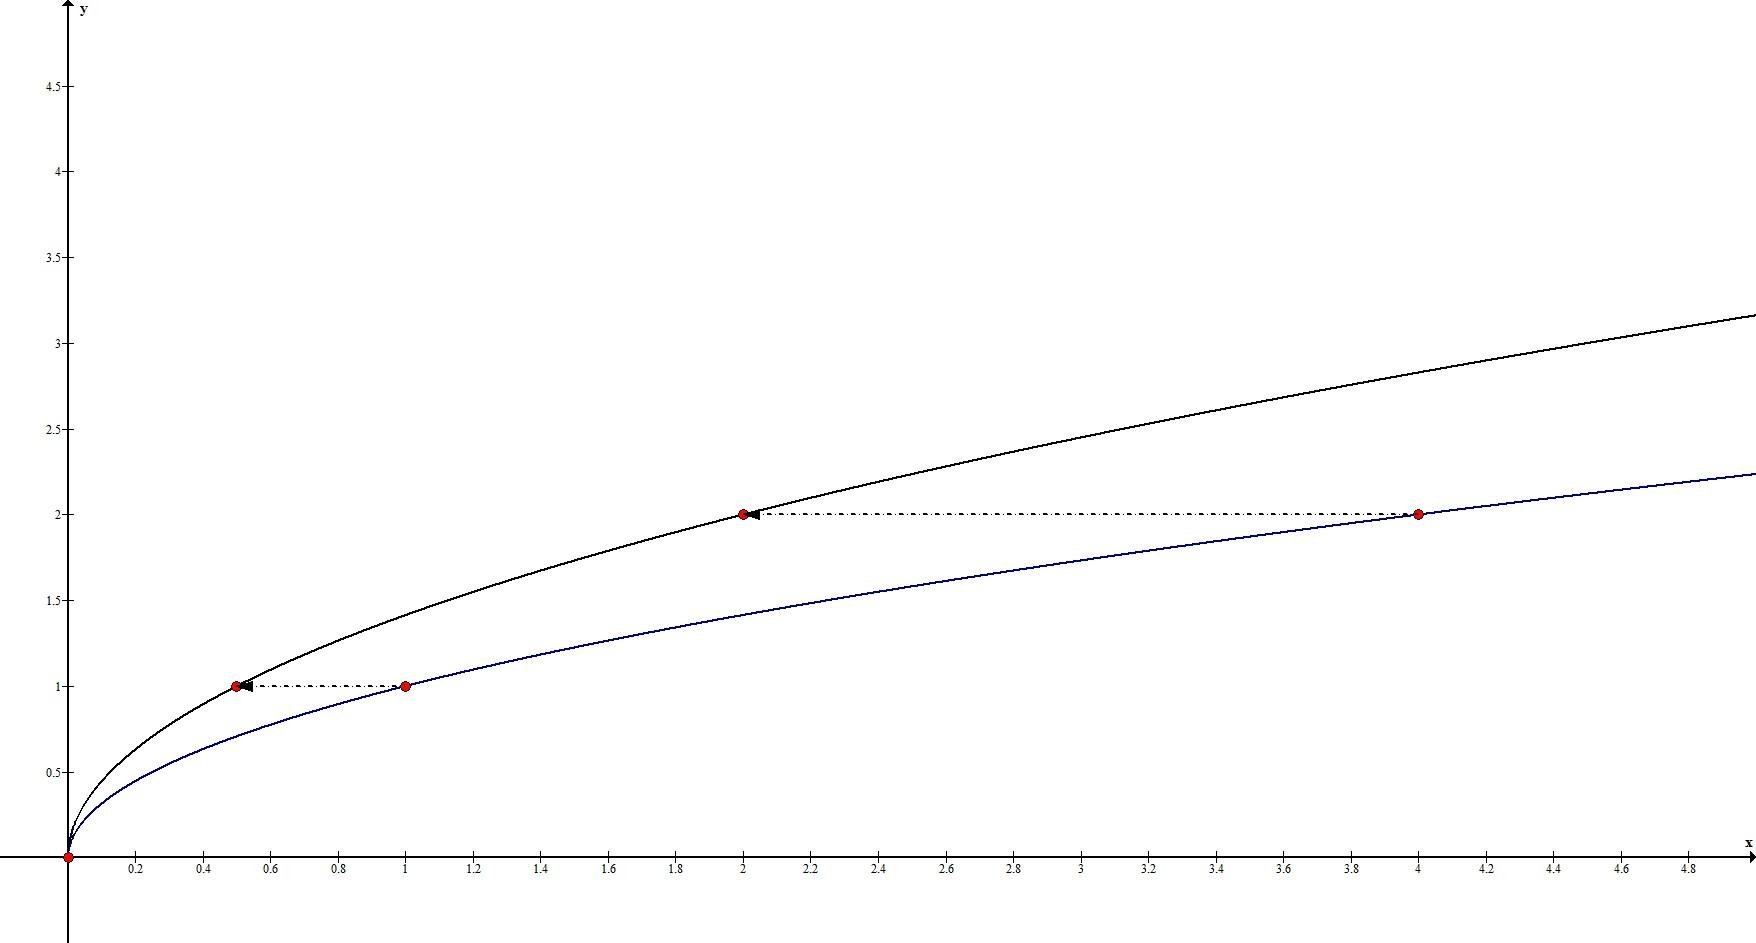 Геометрические преобразования. Растяжение по Оx. Пример 1.